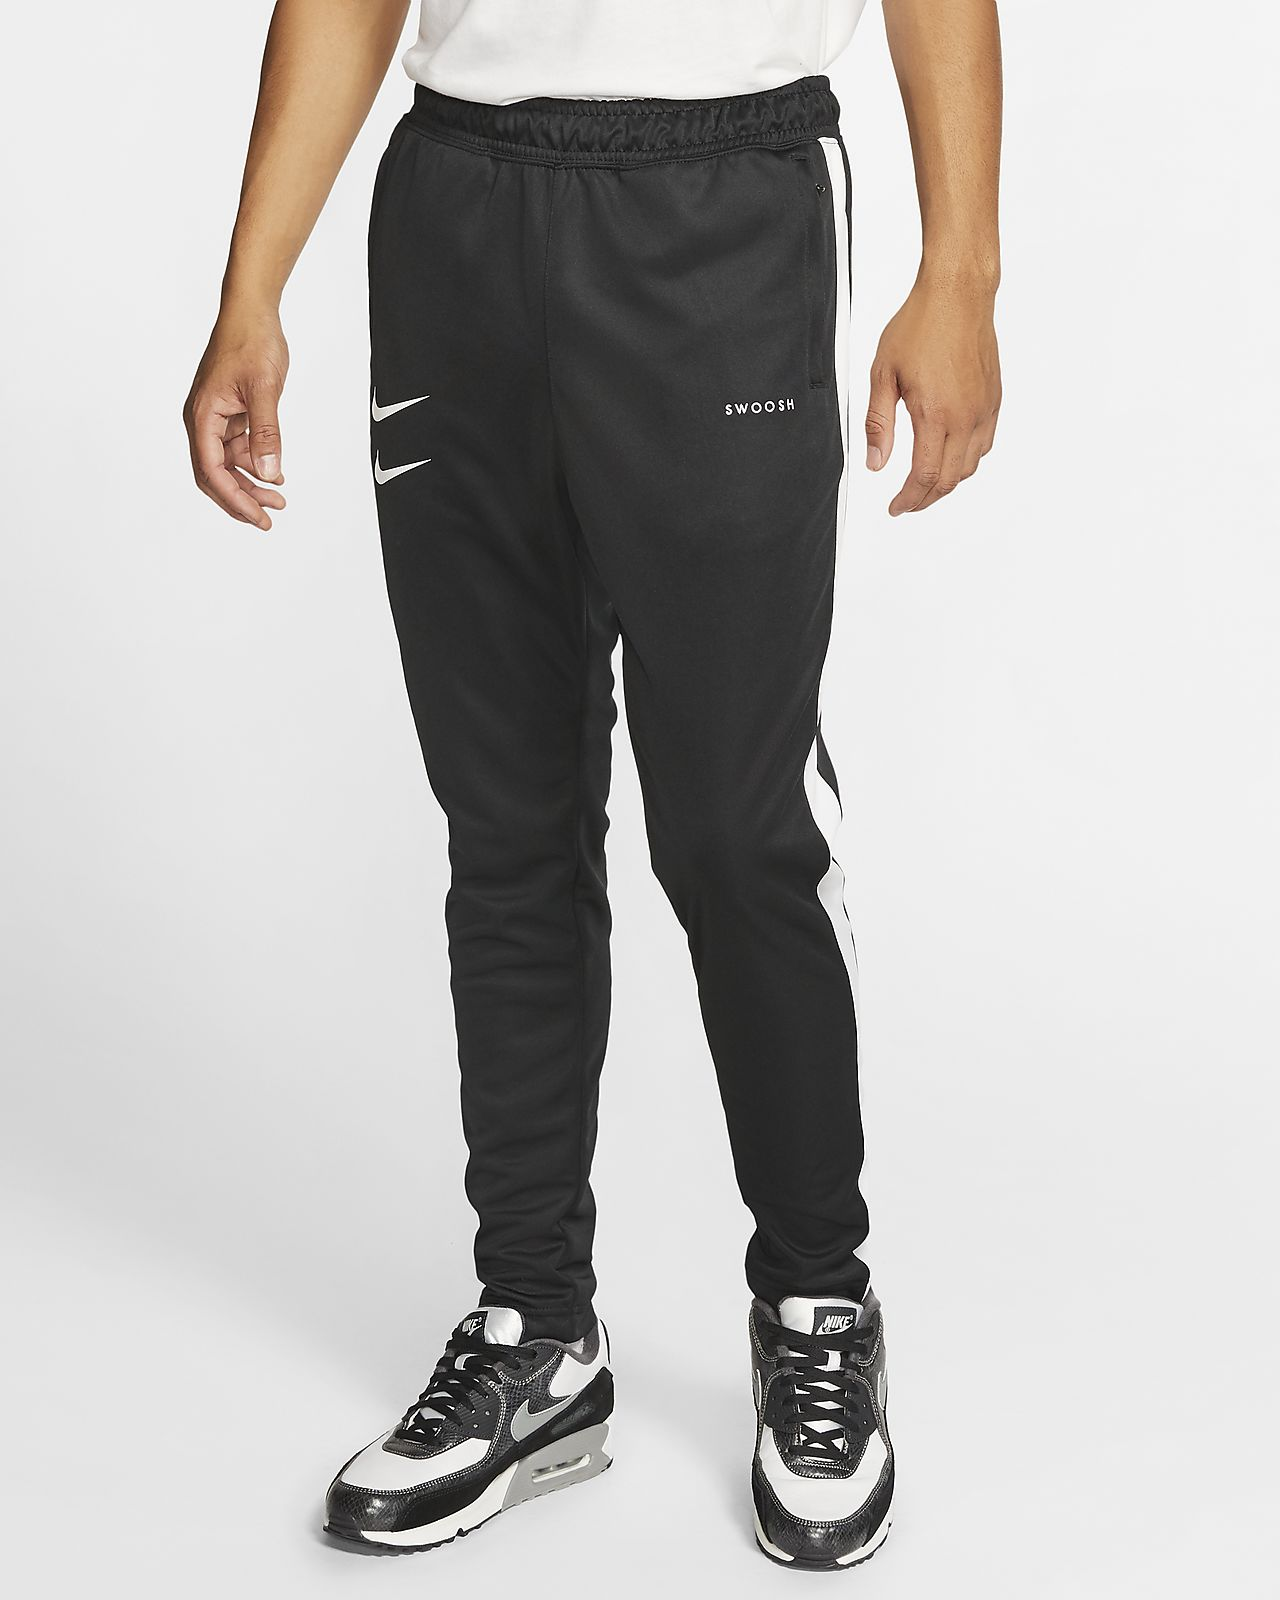 Nike Sportswear Swoosh Men's Trousers